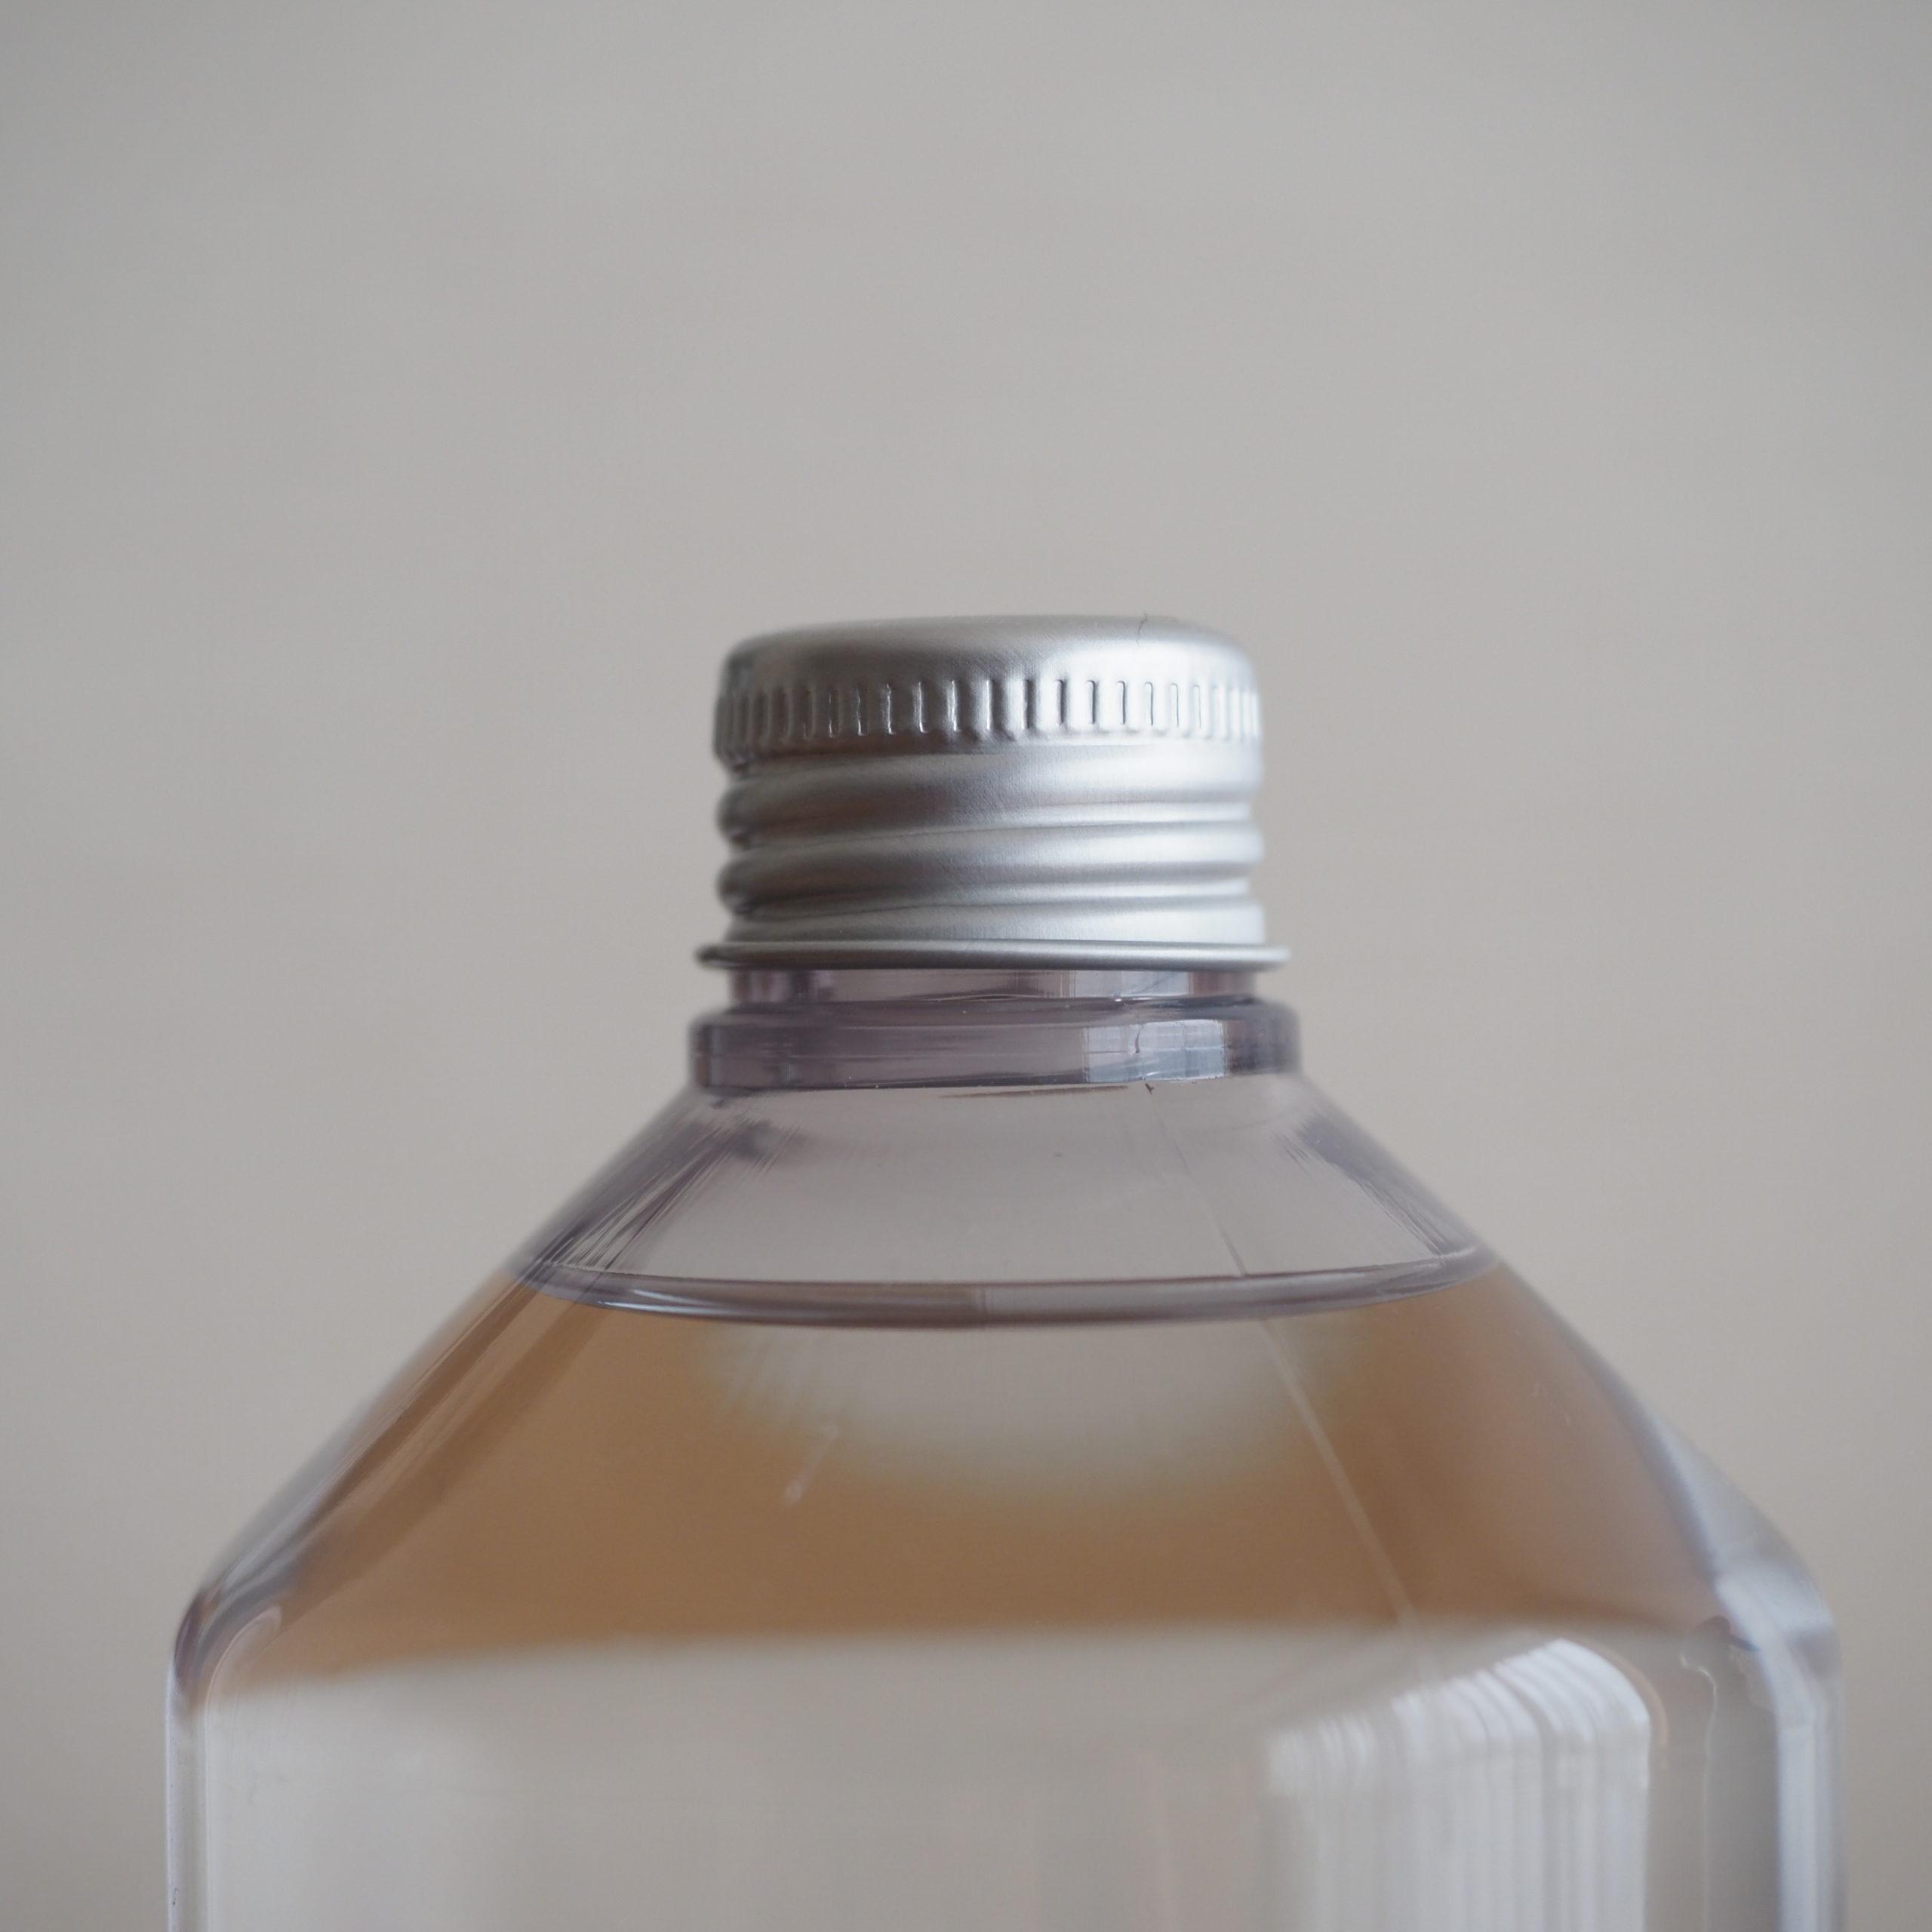 メリリマのアルコールのキャップ